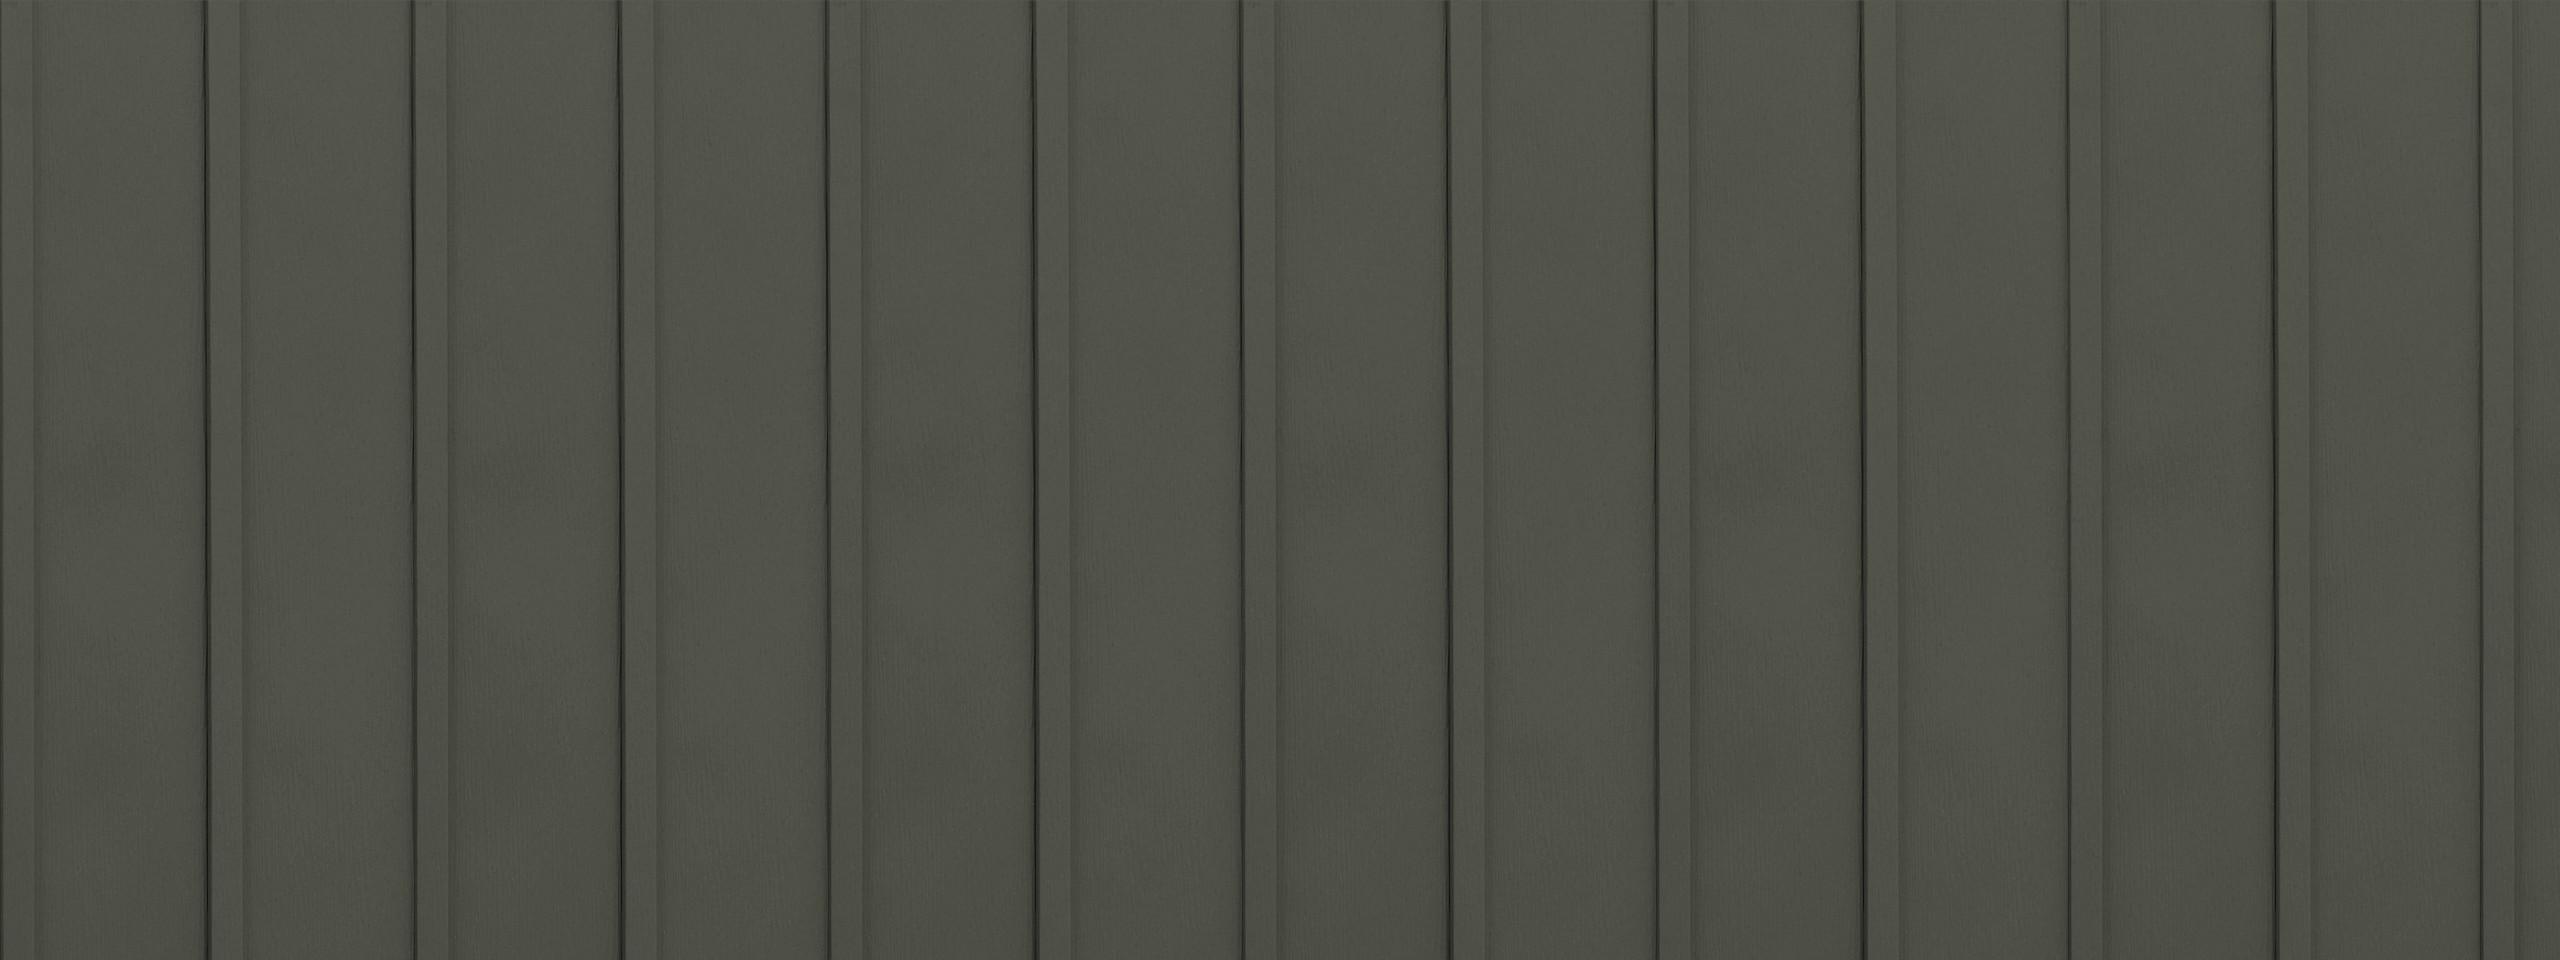 Entex vertical t tone board and batten steel siding